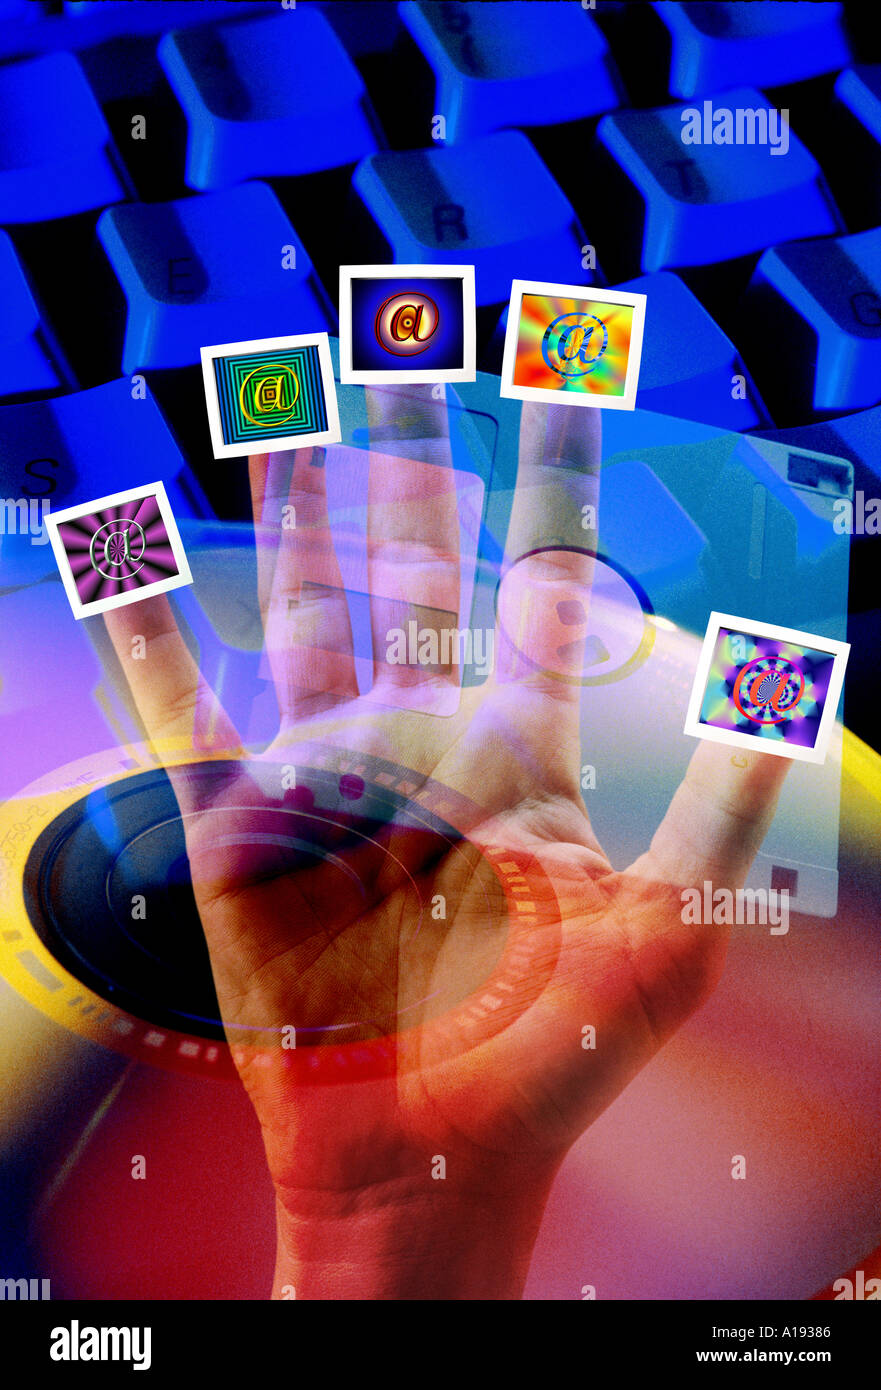 Concetto di internet Immagini Stock